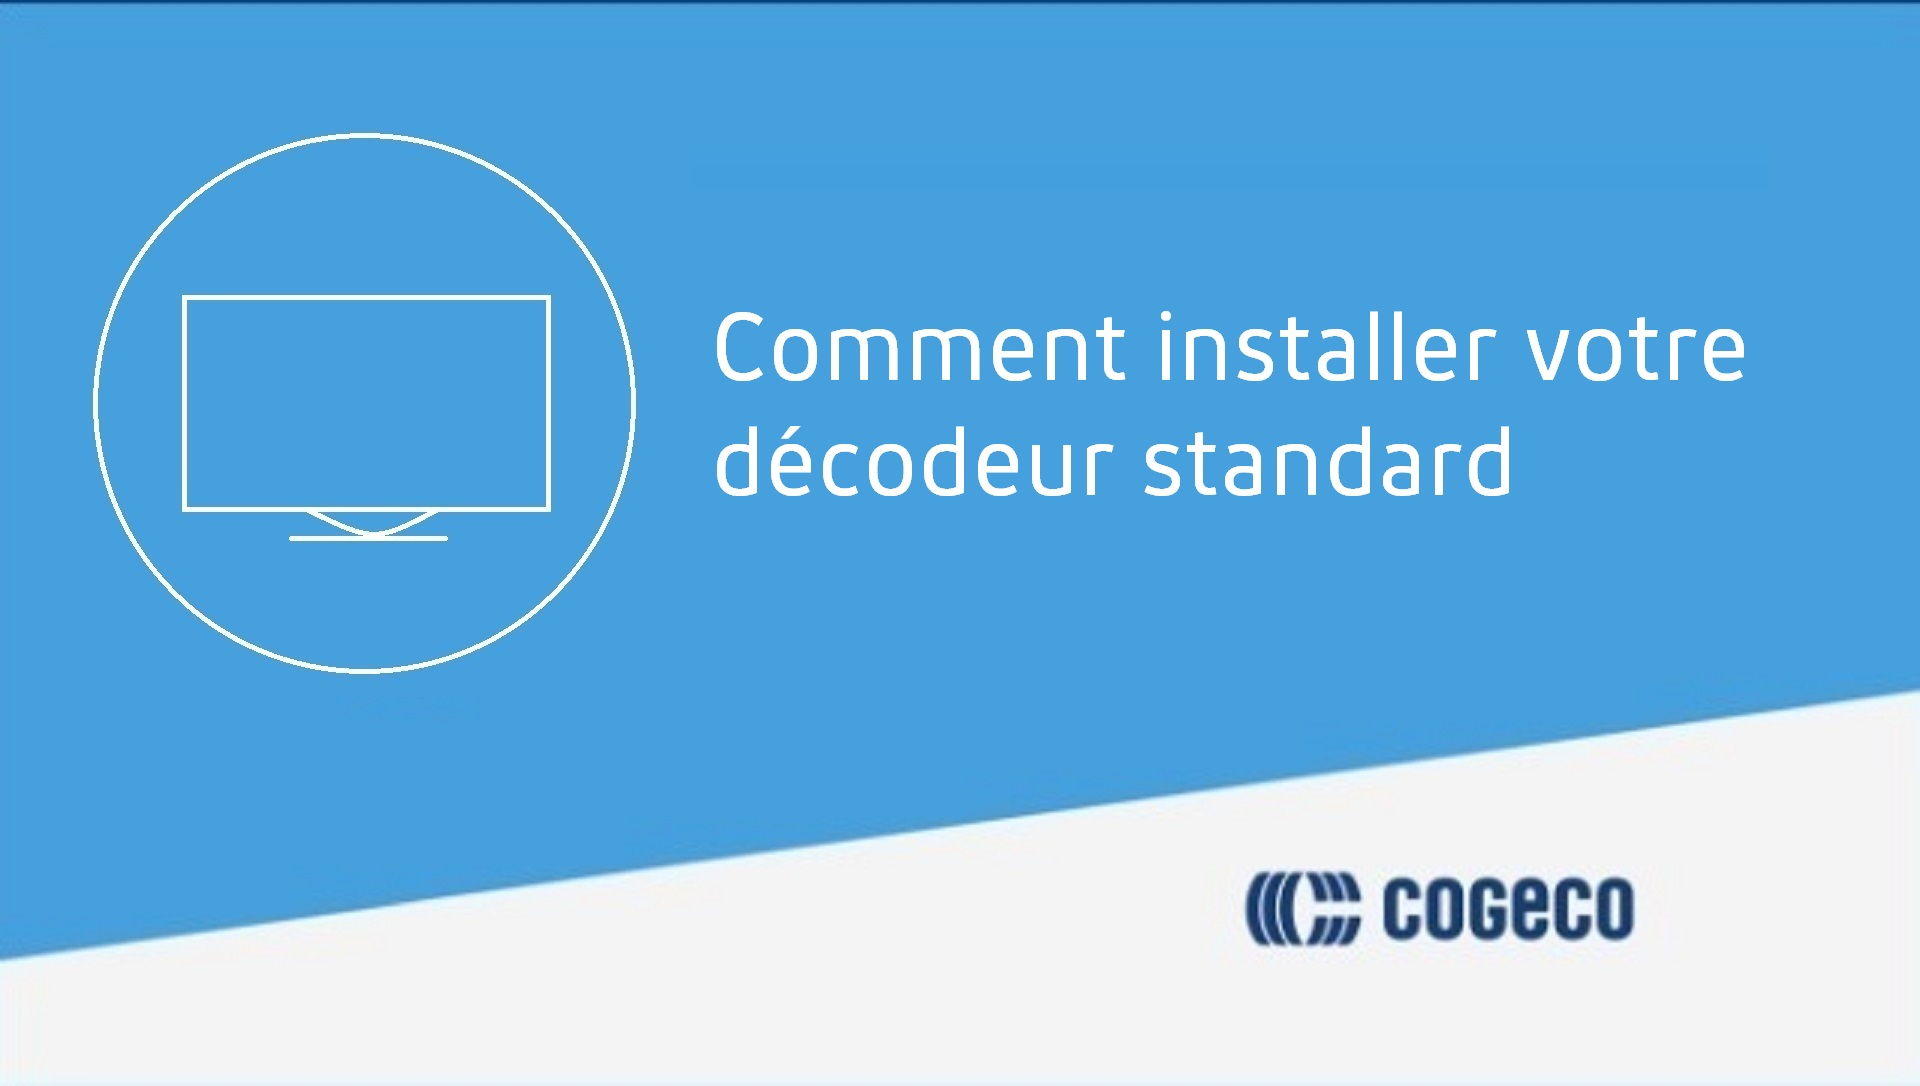 Comment installer votre décodeur standard